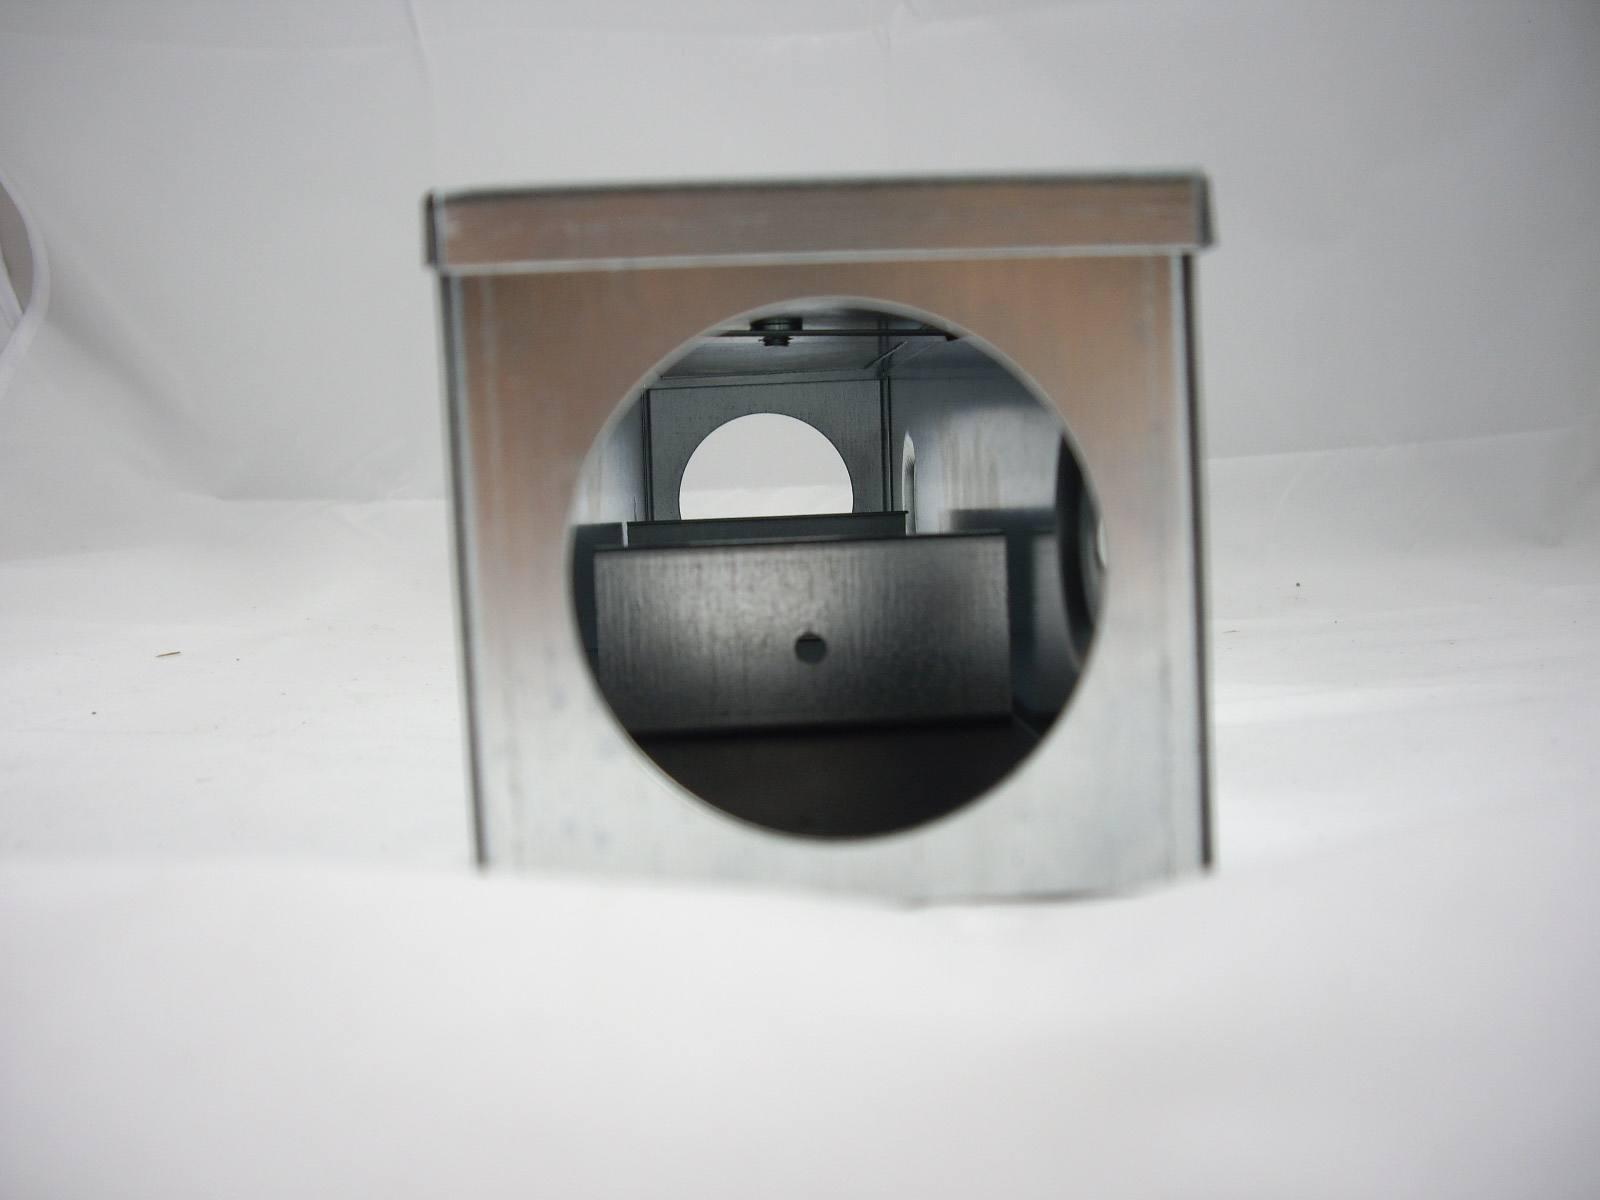 k derstation mausefalle ratten k derbox rattenbox rattenfalle metall verzinkt ebay. Black Bedroom Furniture Sets. Home Design Ideas